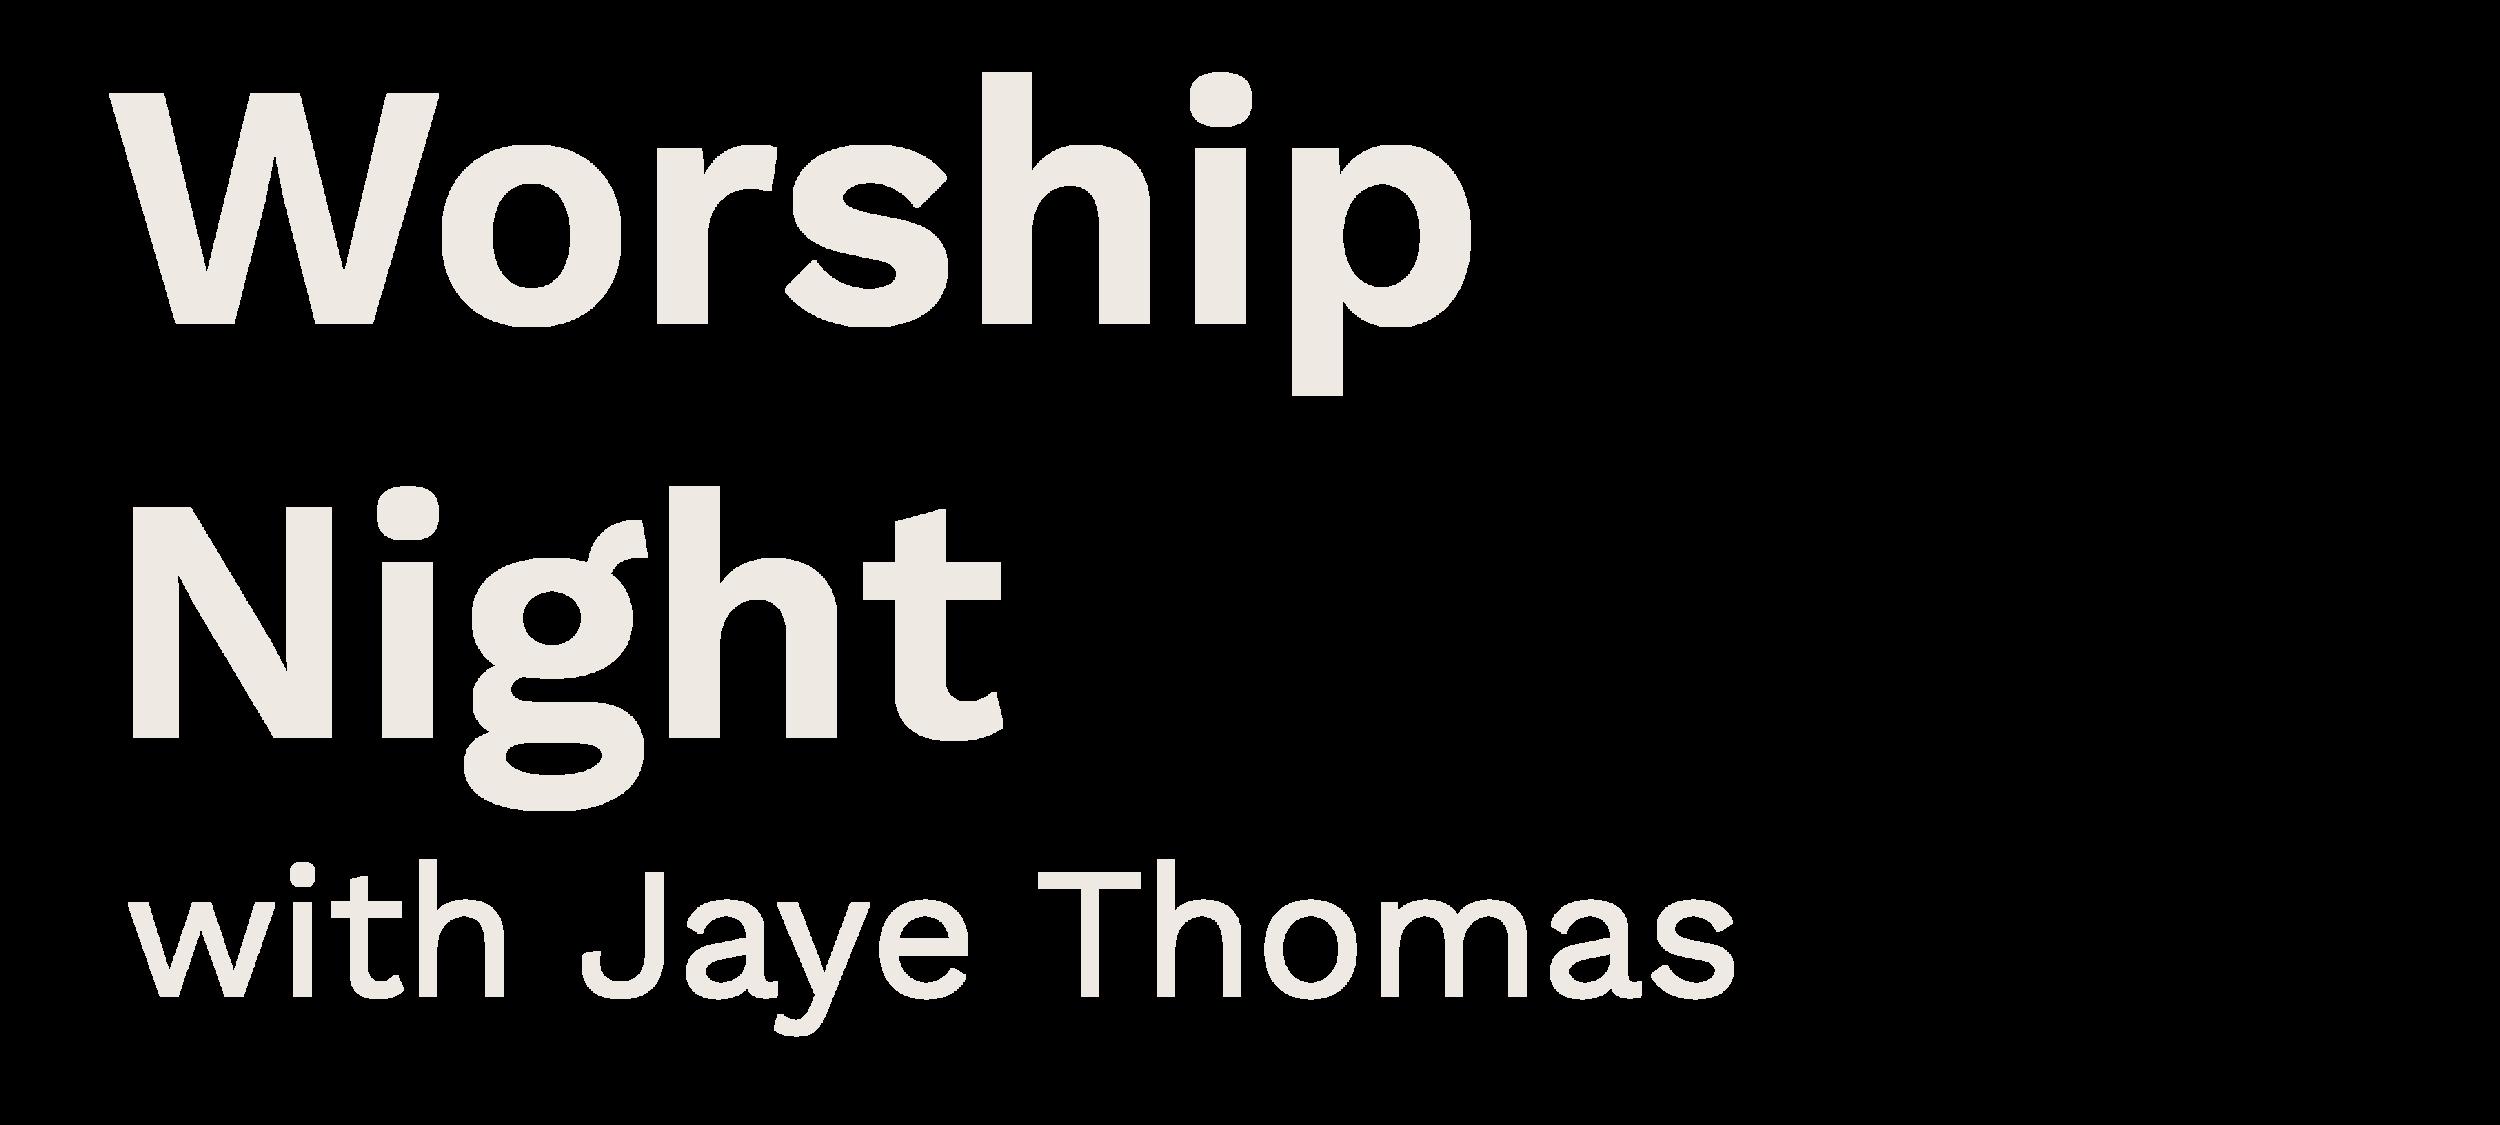 worship night header-01.png